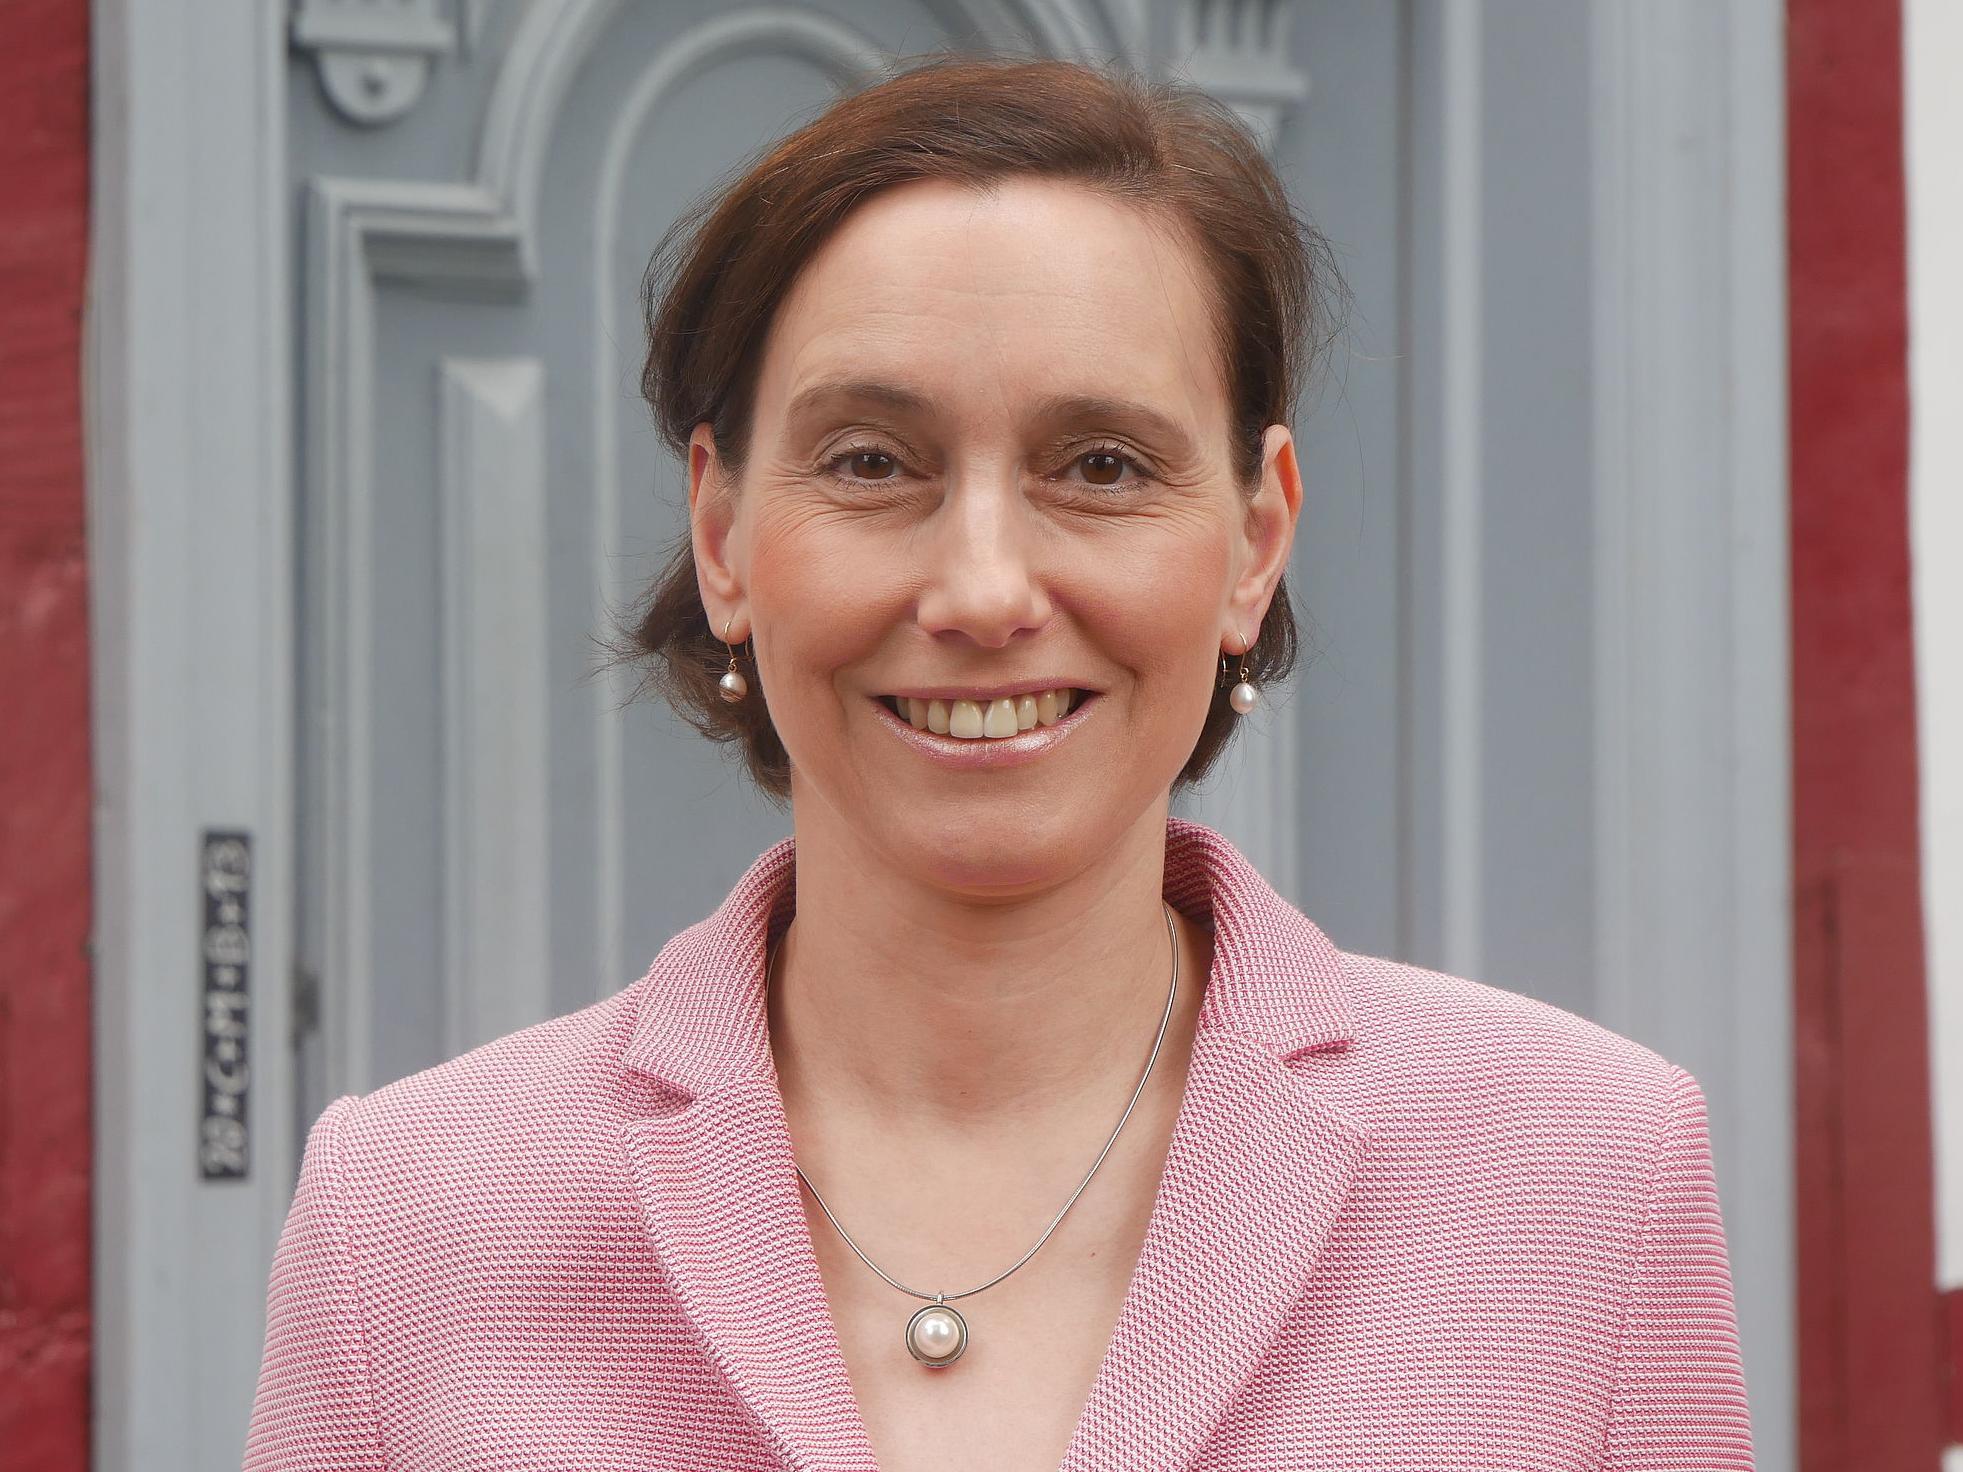 Brigitte Büscher